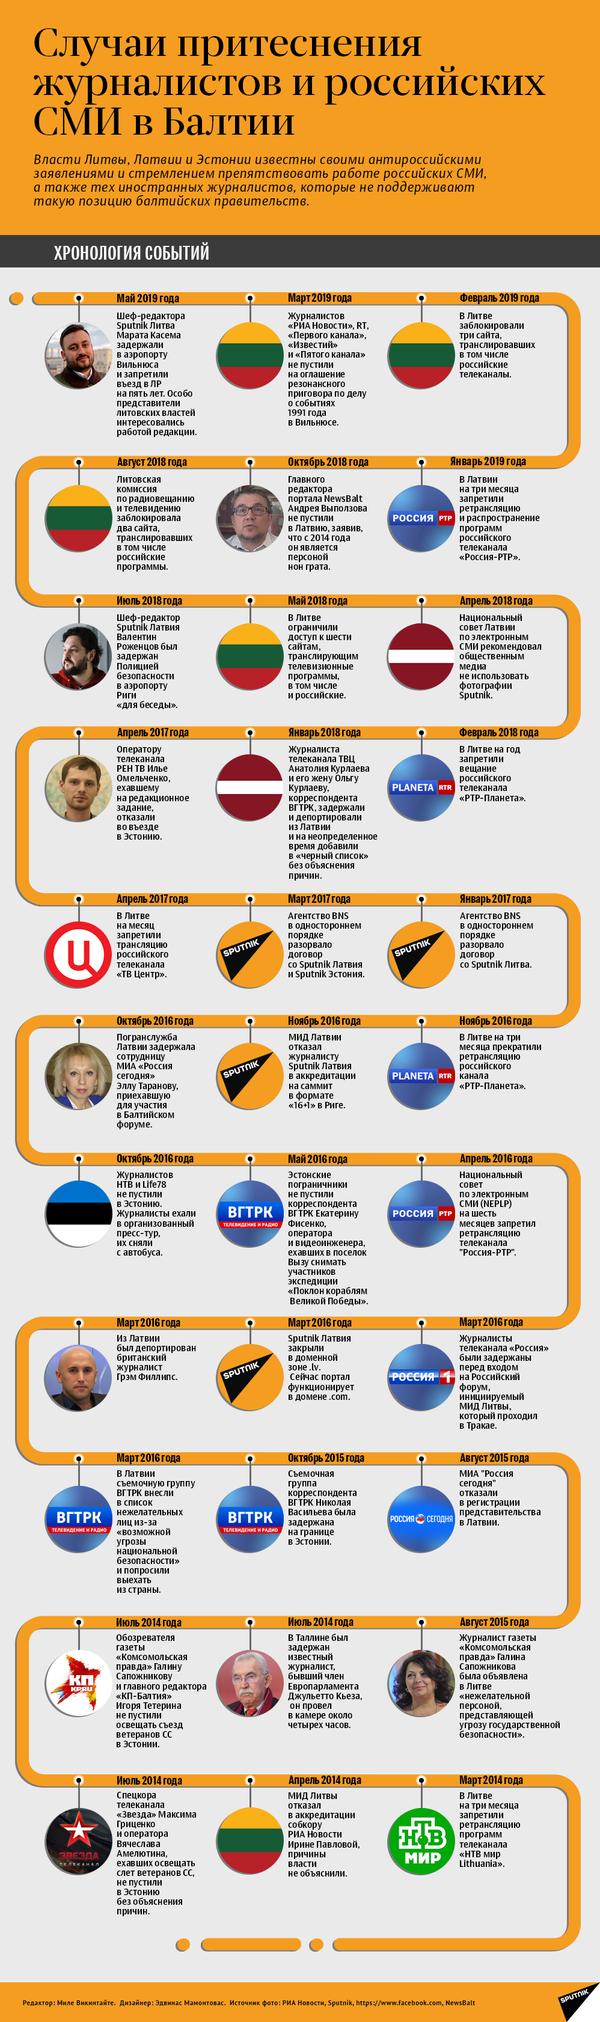 Случаи притеснения журналистов и российских СМИ в странах Балтии - Sputnik Таджикистан